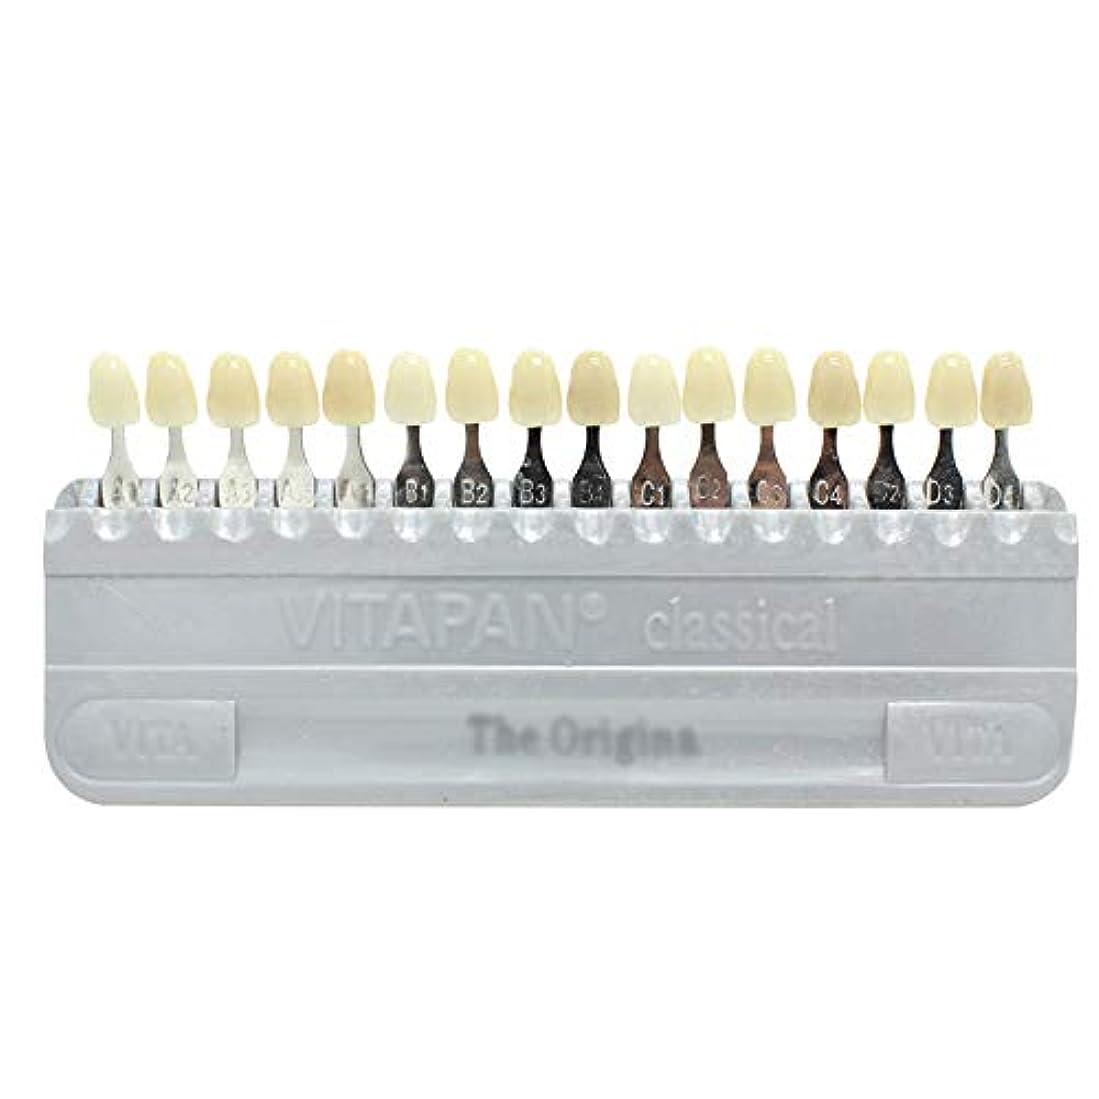 プラス健康的検出PochiDen 歯科ホワイトニング用シェードガイド 16色 3D 歯列模型ボード